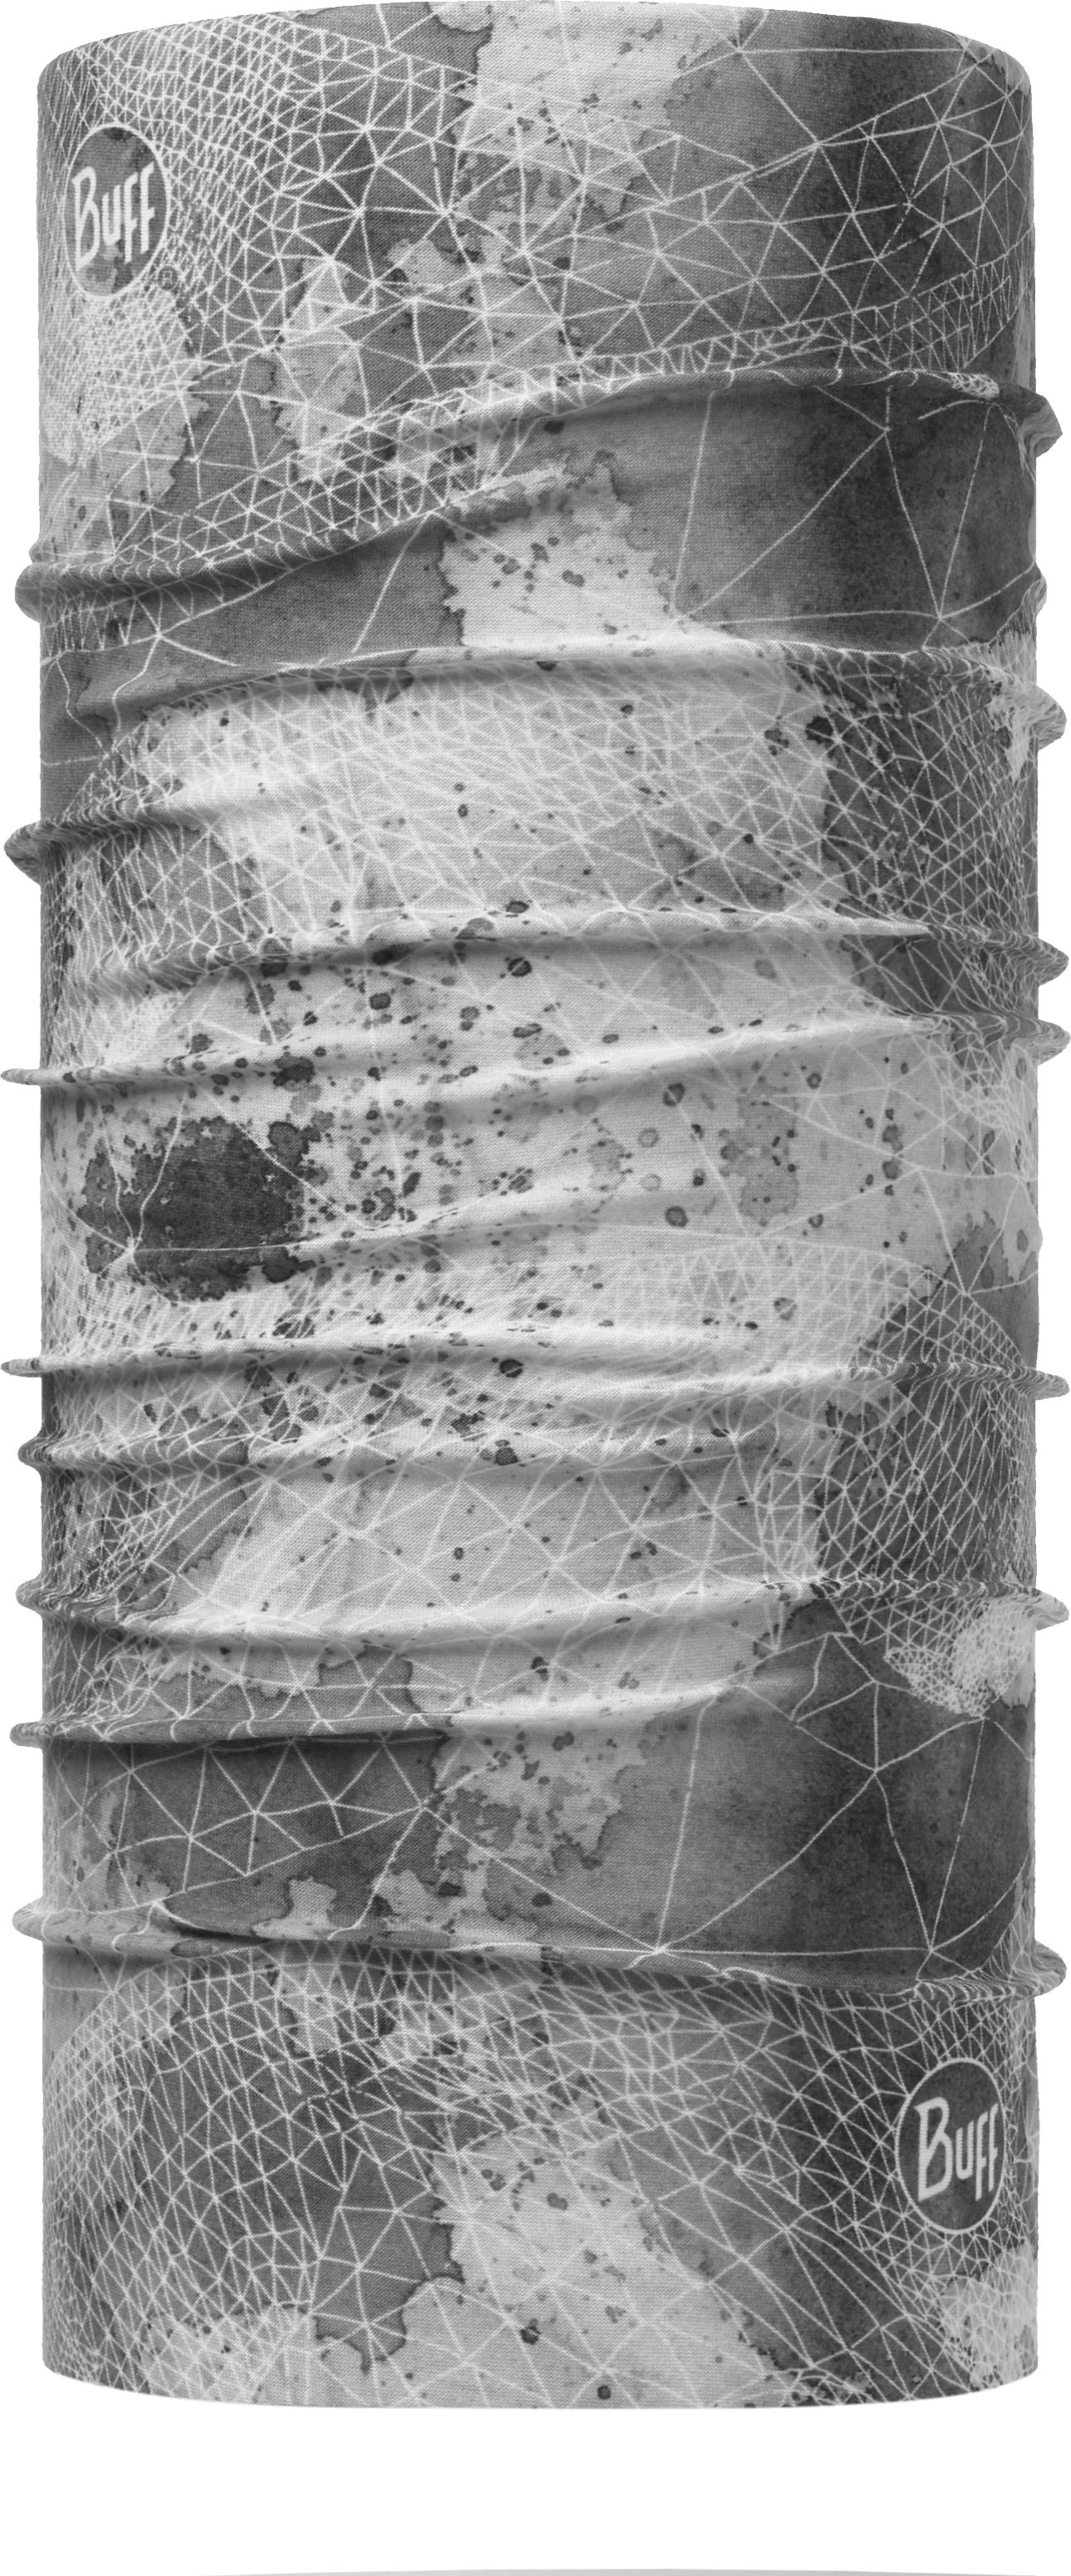 Купить Бандана Buff UV Protection Net Silver Grey, цвет: серый. 117025.334.10.00. Размер универсальный